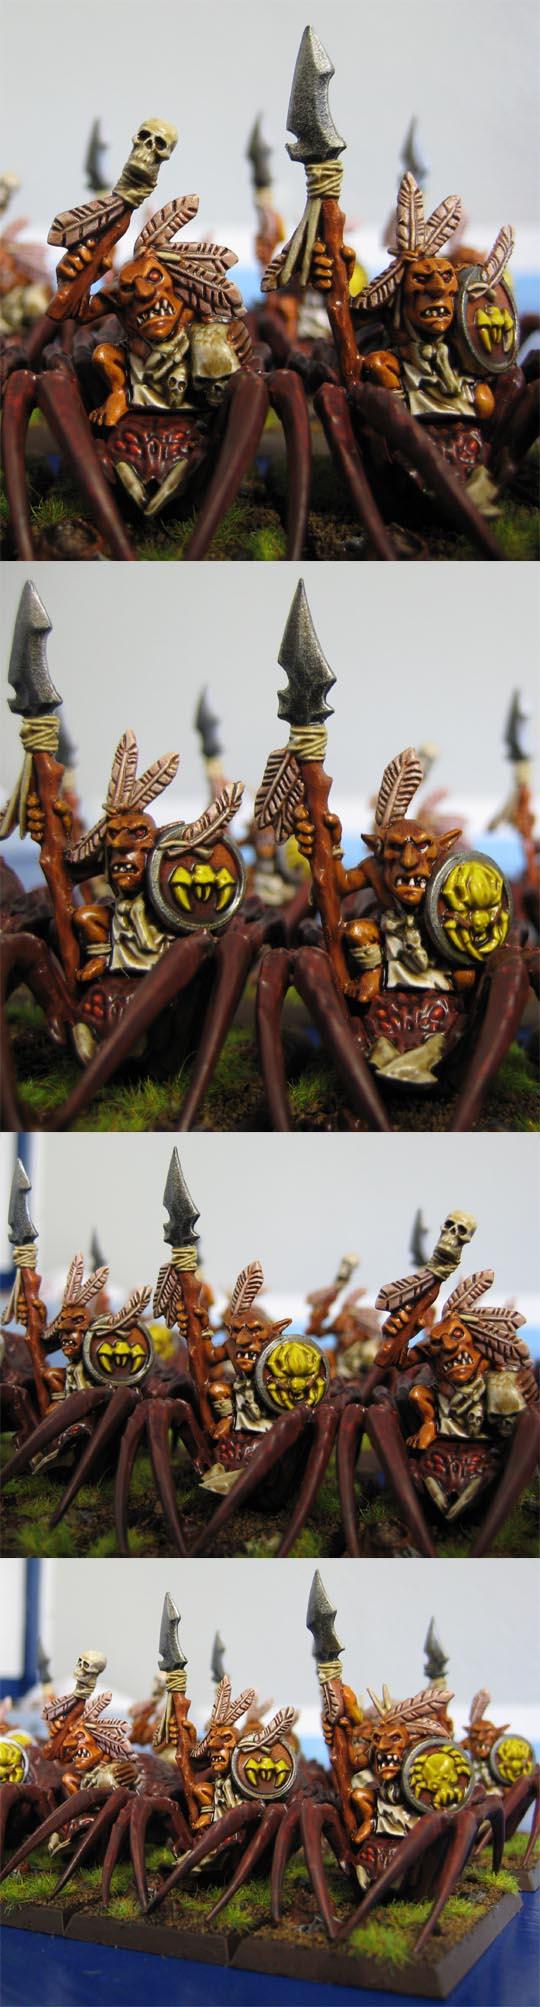 orc paint scheme idea help Img4879e47ddc158